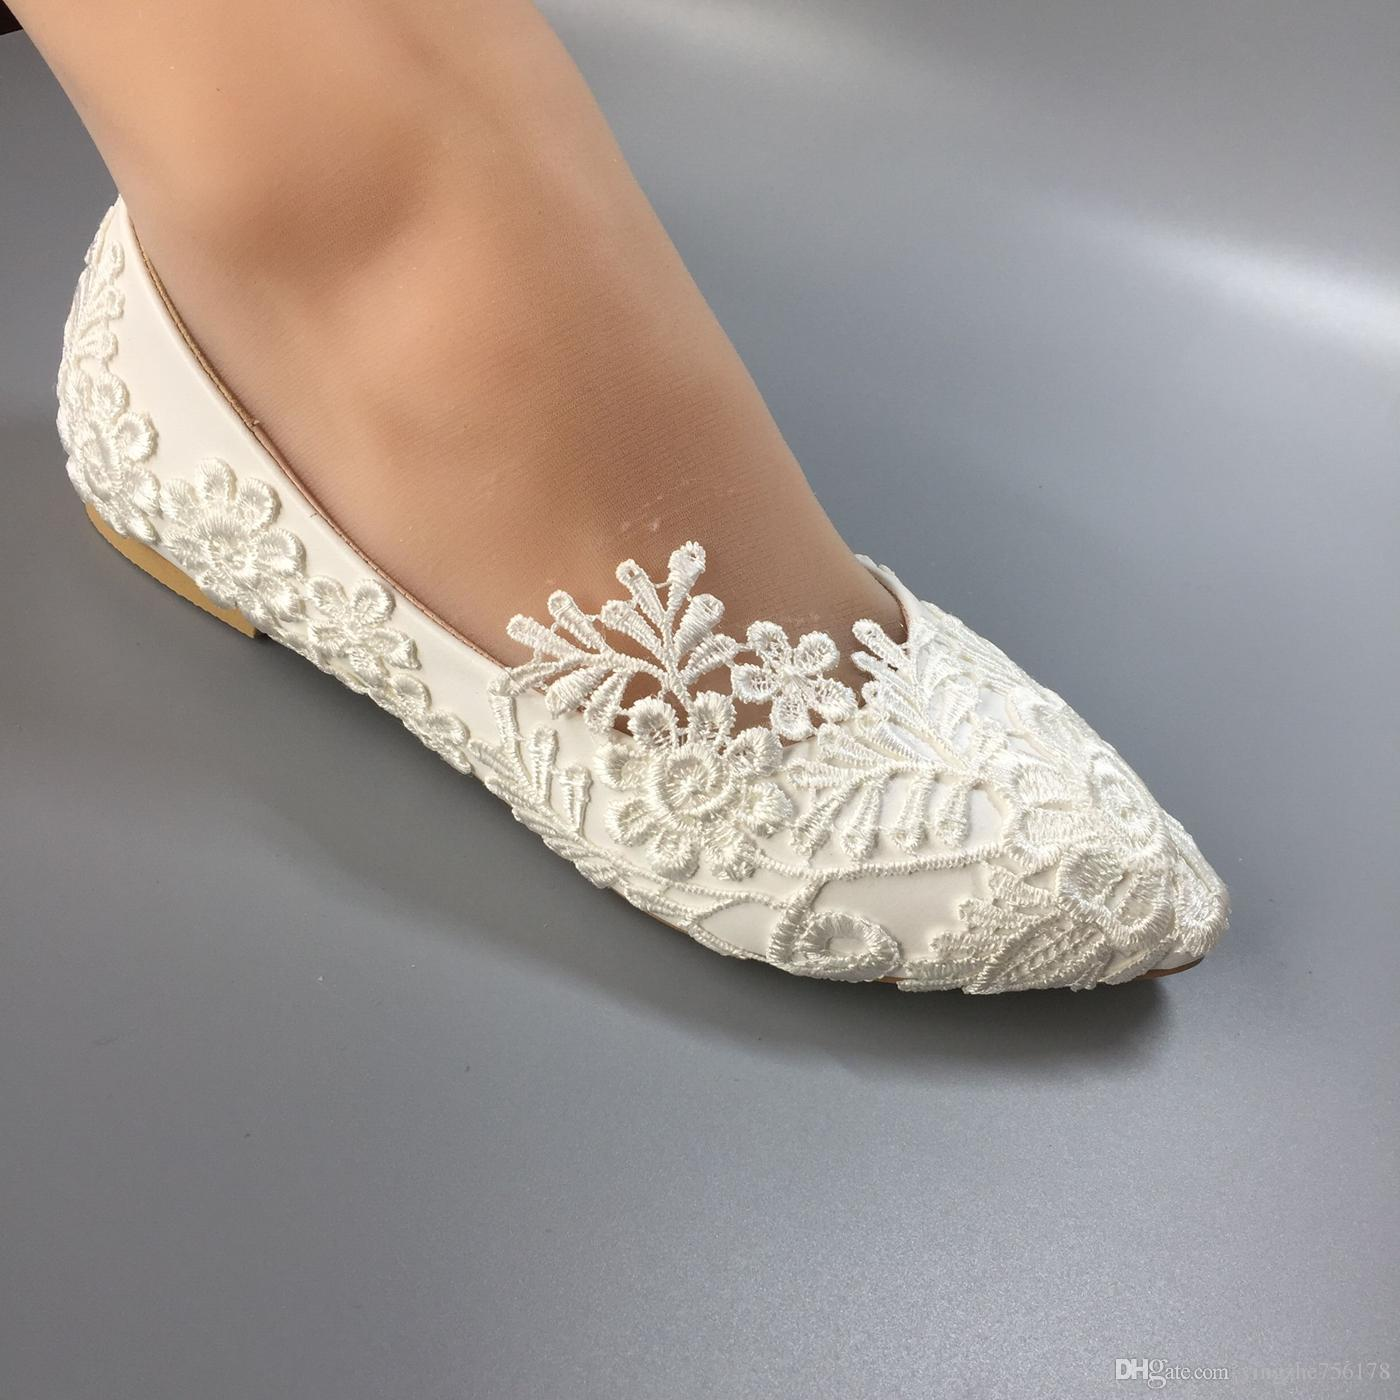 7ecd392b6bd Compre MUJER Zapatos De Boda A Prueba De Agua Vestidos De Novia De Novia  Blancos Edición De Han Diamante Encaje Manual De Boda BRIDAL FLAT Zapato  Femenino ...